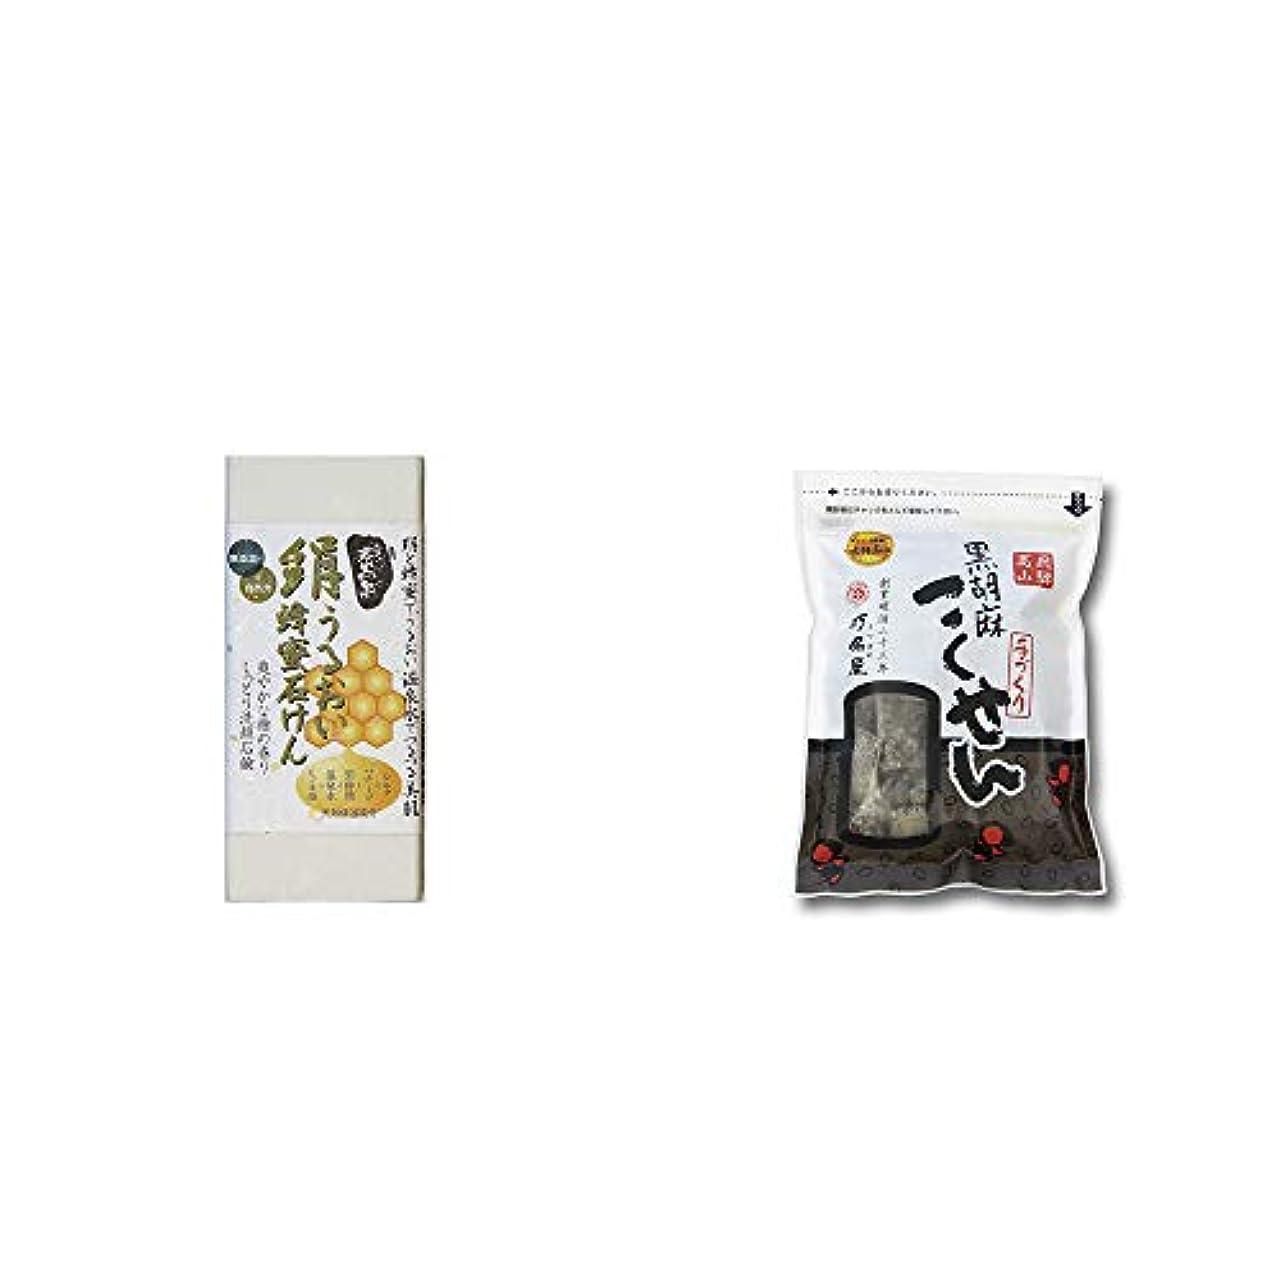 ホームレス混合した変形[2点セット] ひのき炭黒泉 絹うるおい蜂蜜石けん(75g×2)?飛騨 打保屋 駄菓子 げんこつきなこ(250g)